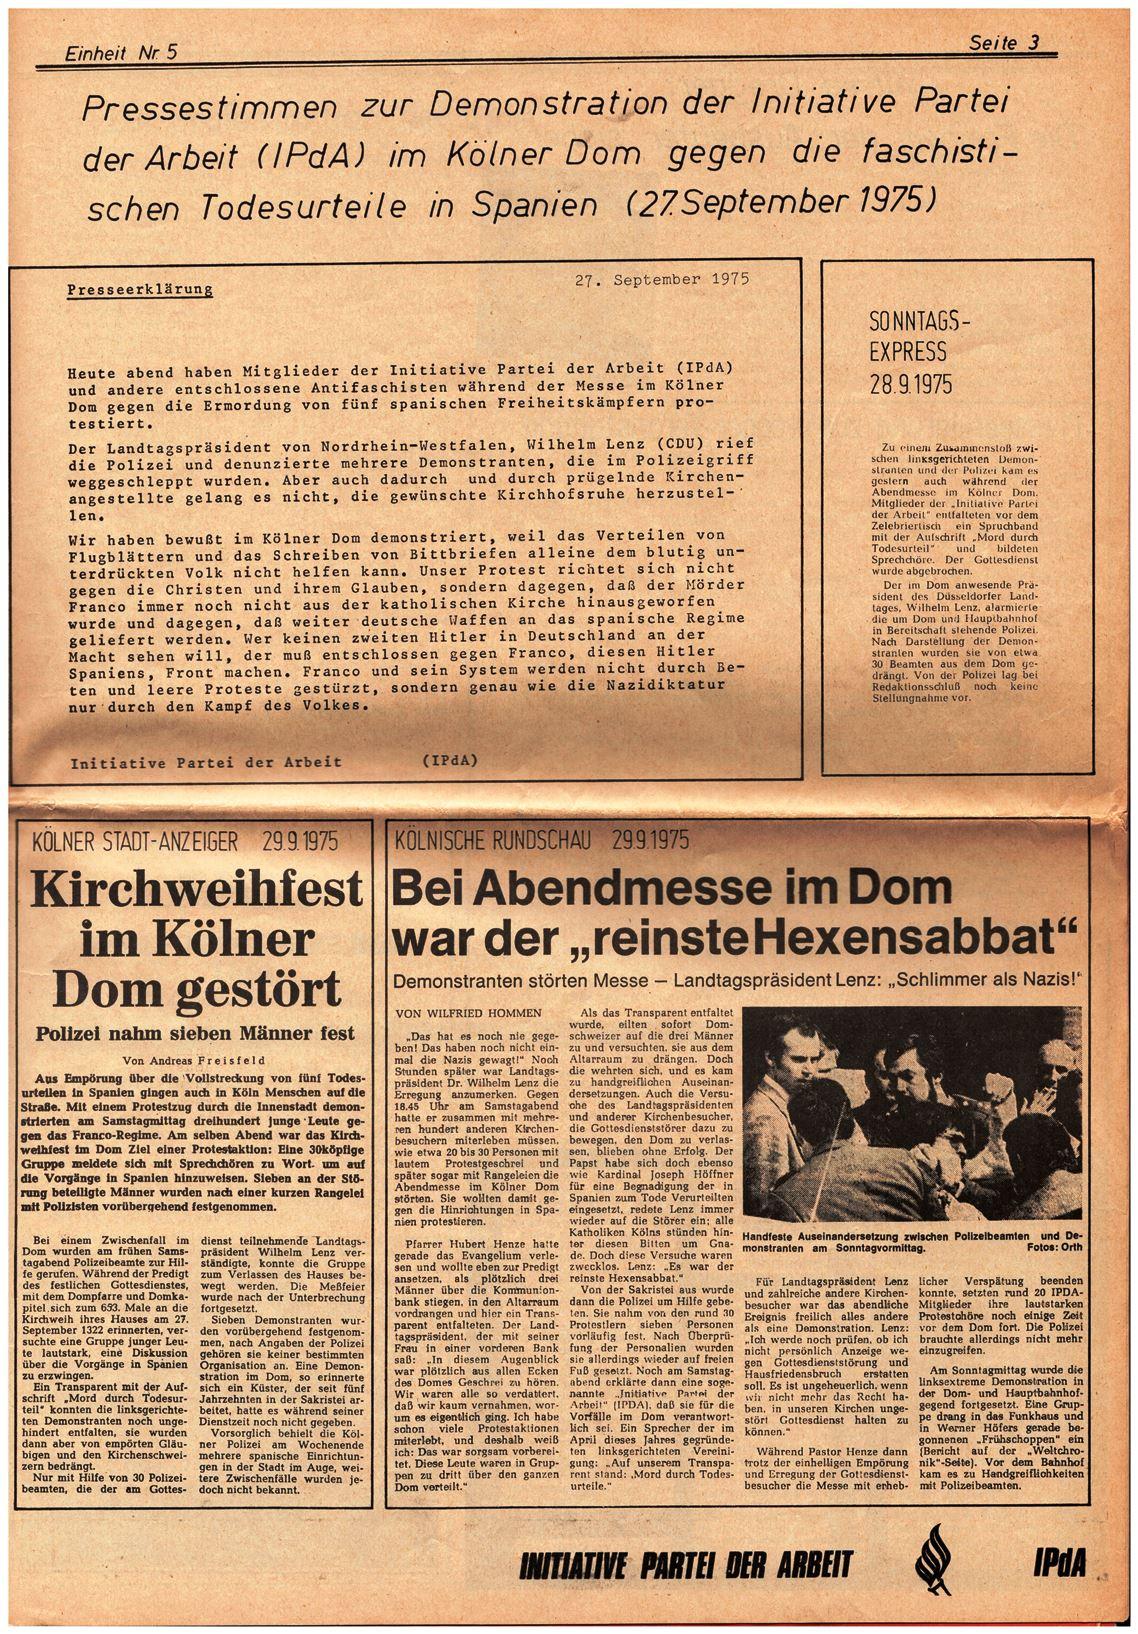 Koeln_IPdA_Einheit_1975_005_003